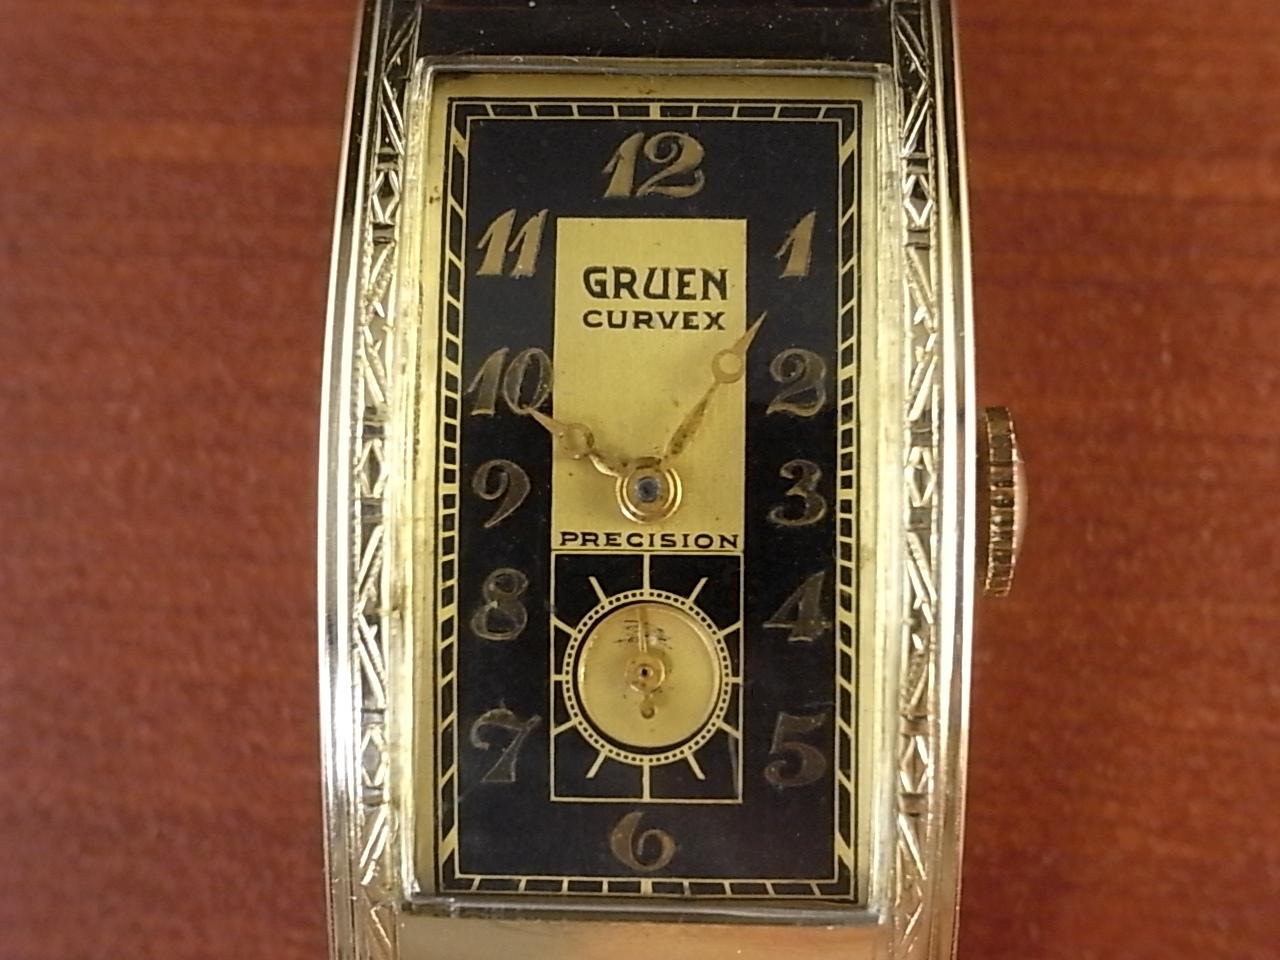 グリュエン カーベックス Cal.330 2トーンダイアル ブラック/ゴールド 1930年代の写真2枚目